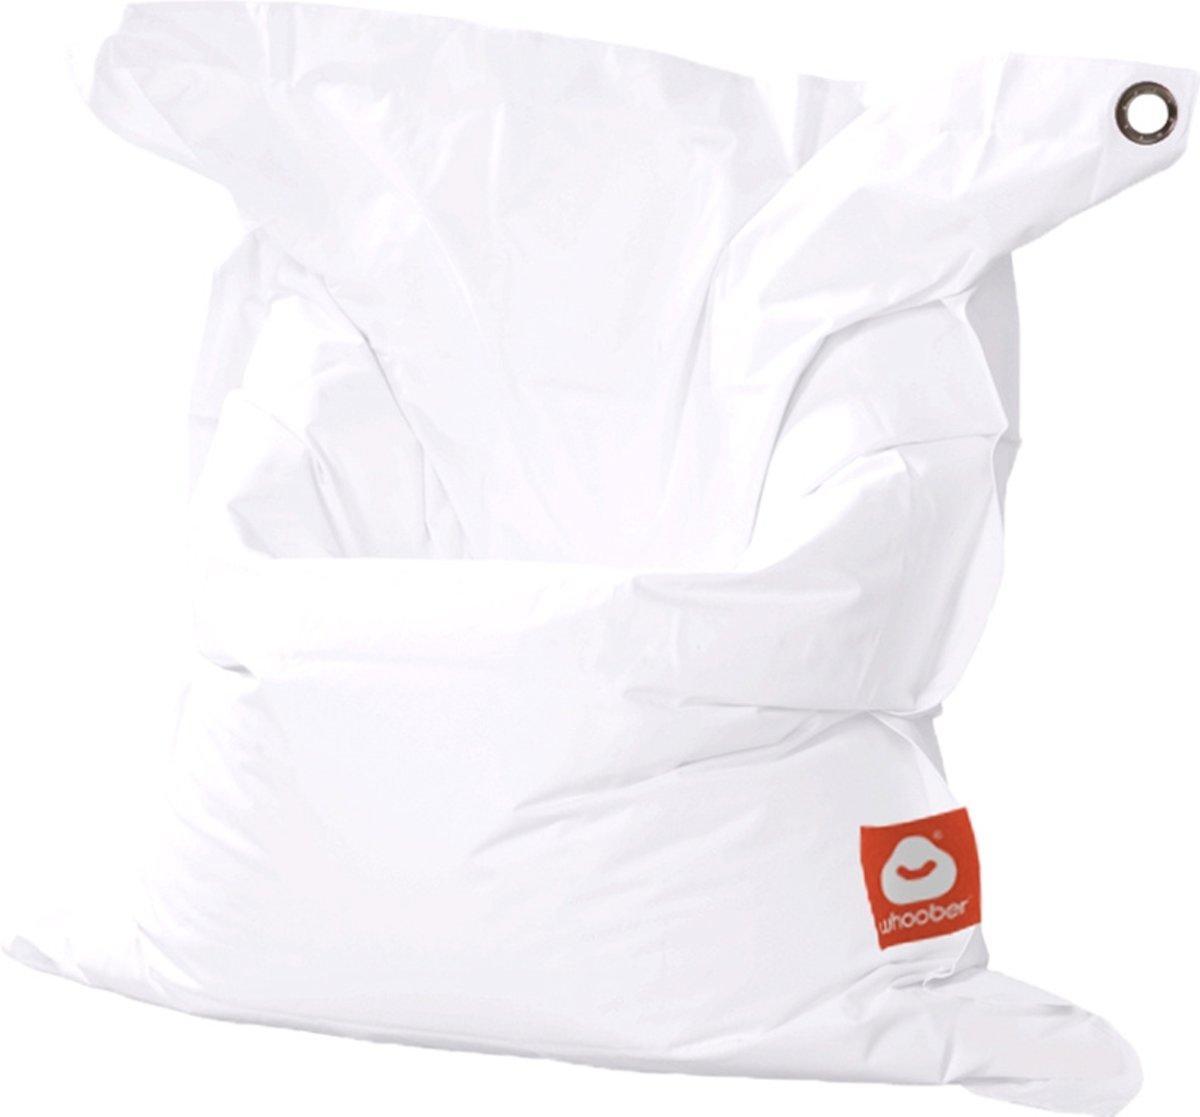 LC Zitzak, Model St. Trop Medium - 145 x 125 cm - Uniek - Wasbaar in wasmachine - Voor binnen en buiten - Origineel model  - Polyester Rechthoekige Zitzak - Eigen fabrikaat - Met handige ophangoog - Wit kopen